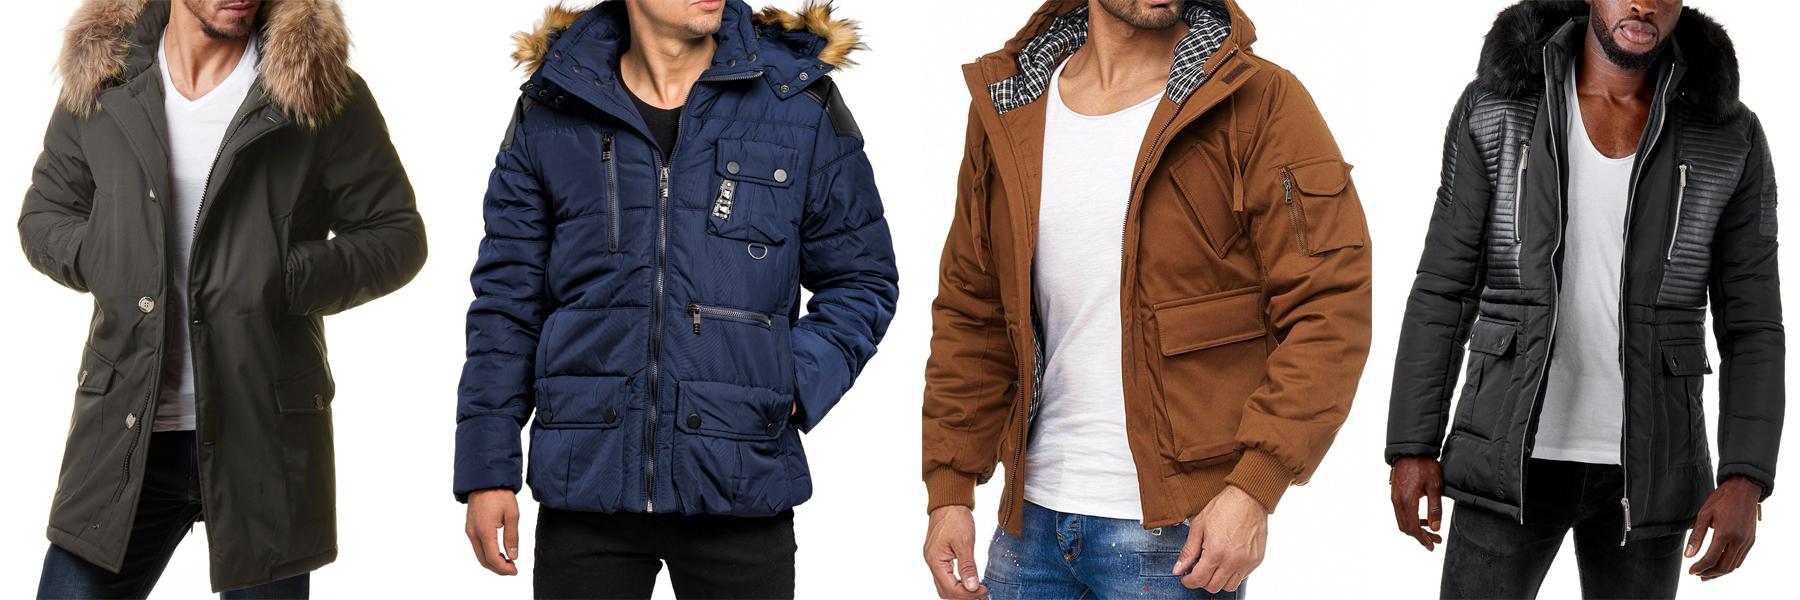 Header_Beste-Marke-f%C3%BCr-warme-Stiefel_1800x600.jpg